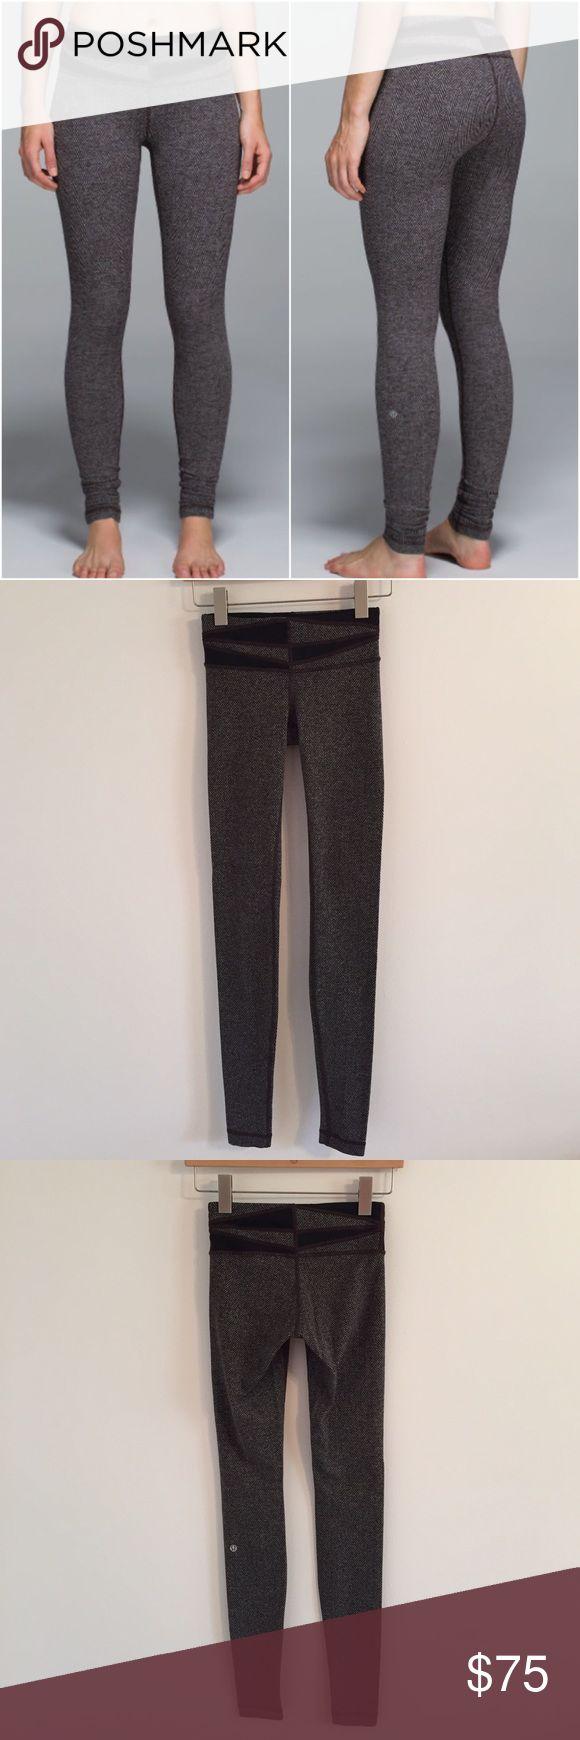 Selling this Lululemon Wunder Under Pant on Poshmark! My username is: lnation818. #shopmycloset #poshmark #fashion #shopping #style #forsale #lululemon athletica #Pants